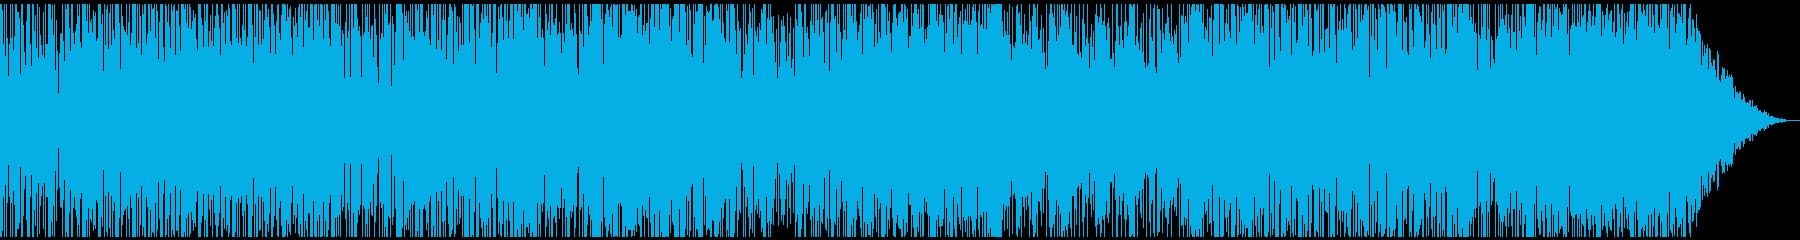 サックス、スピード感スリリングなファンクの再生済みの波形